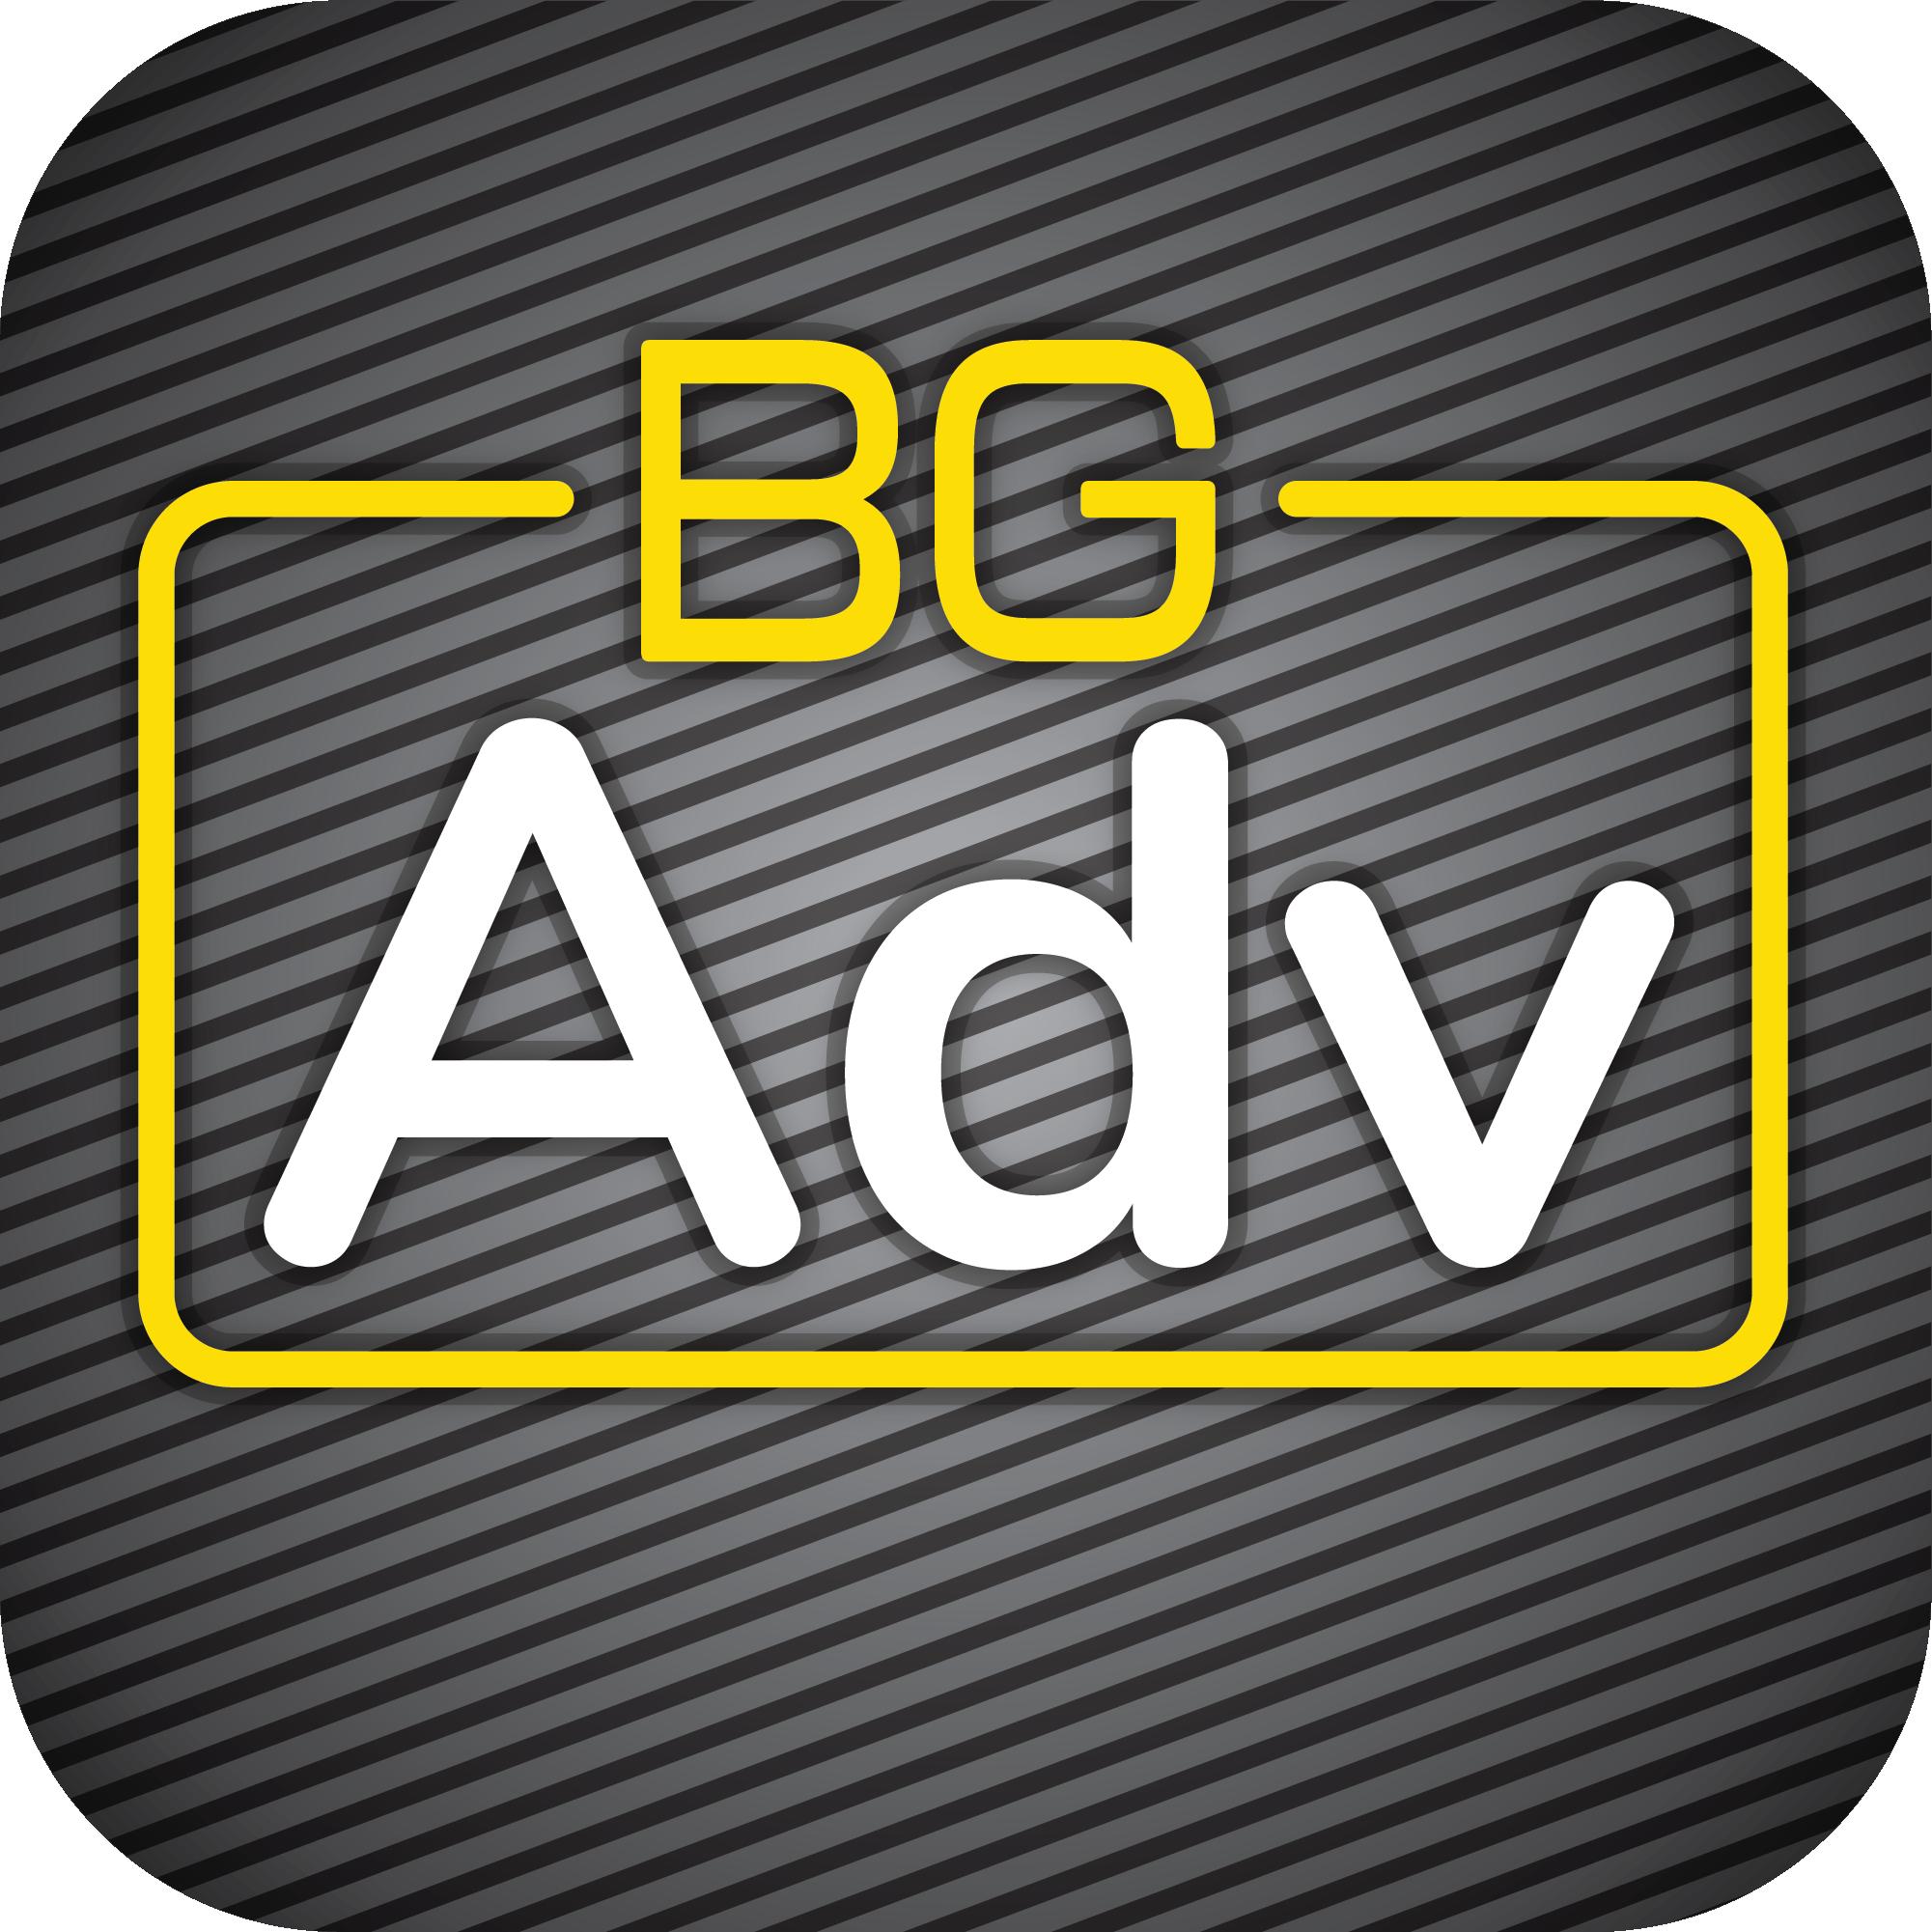 BG advisor app